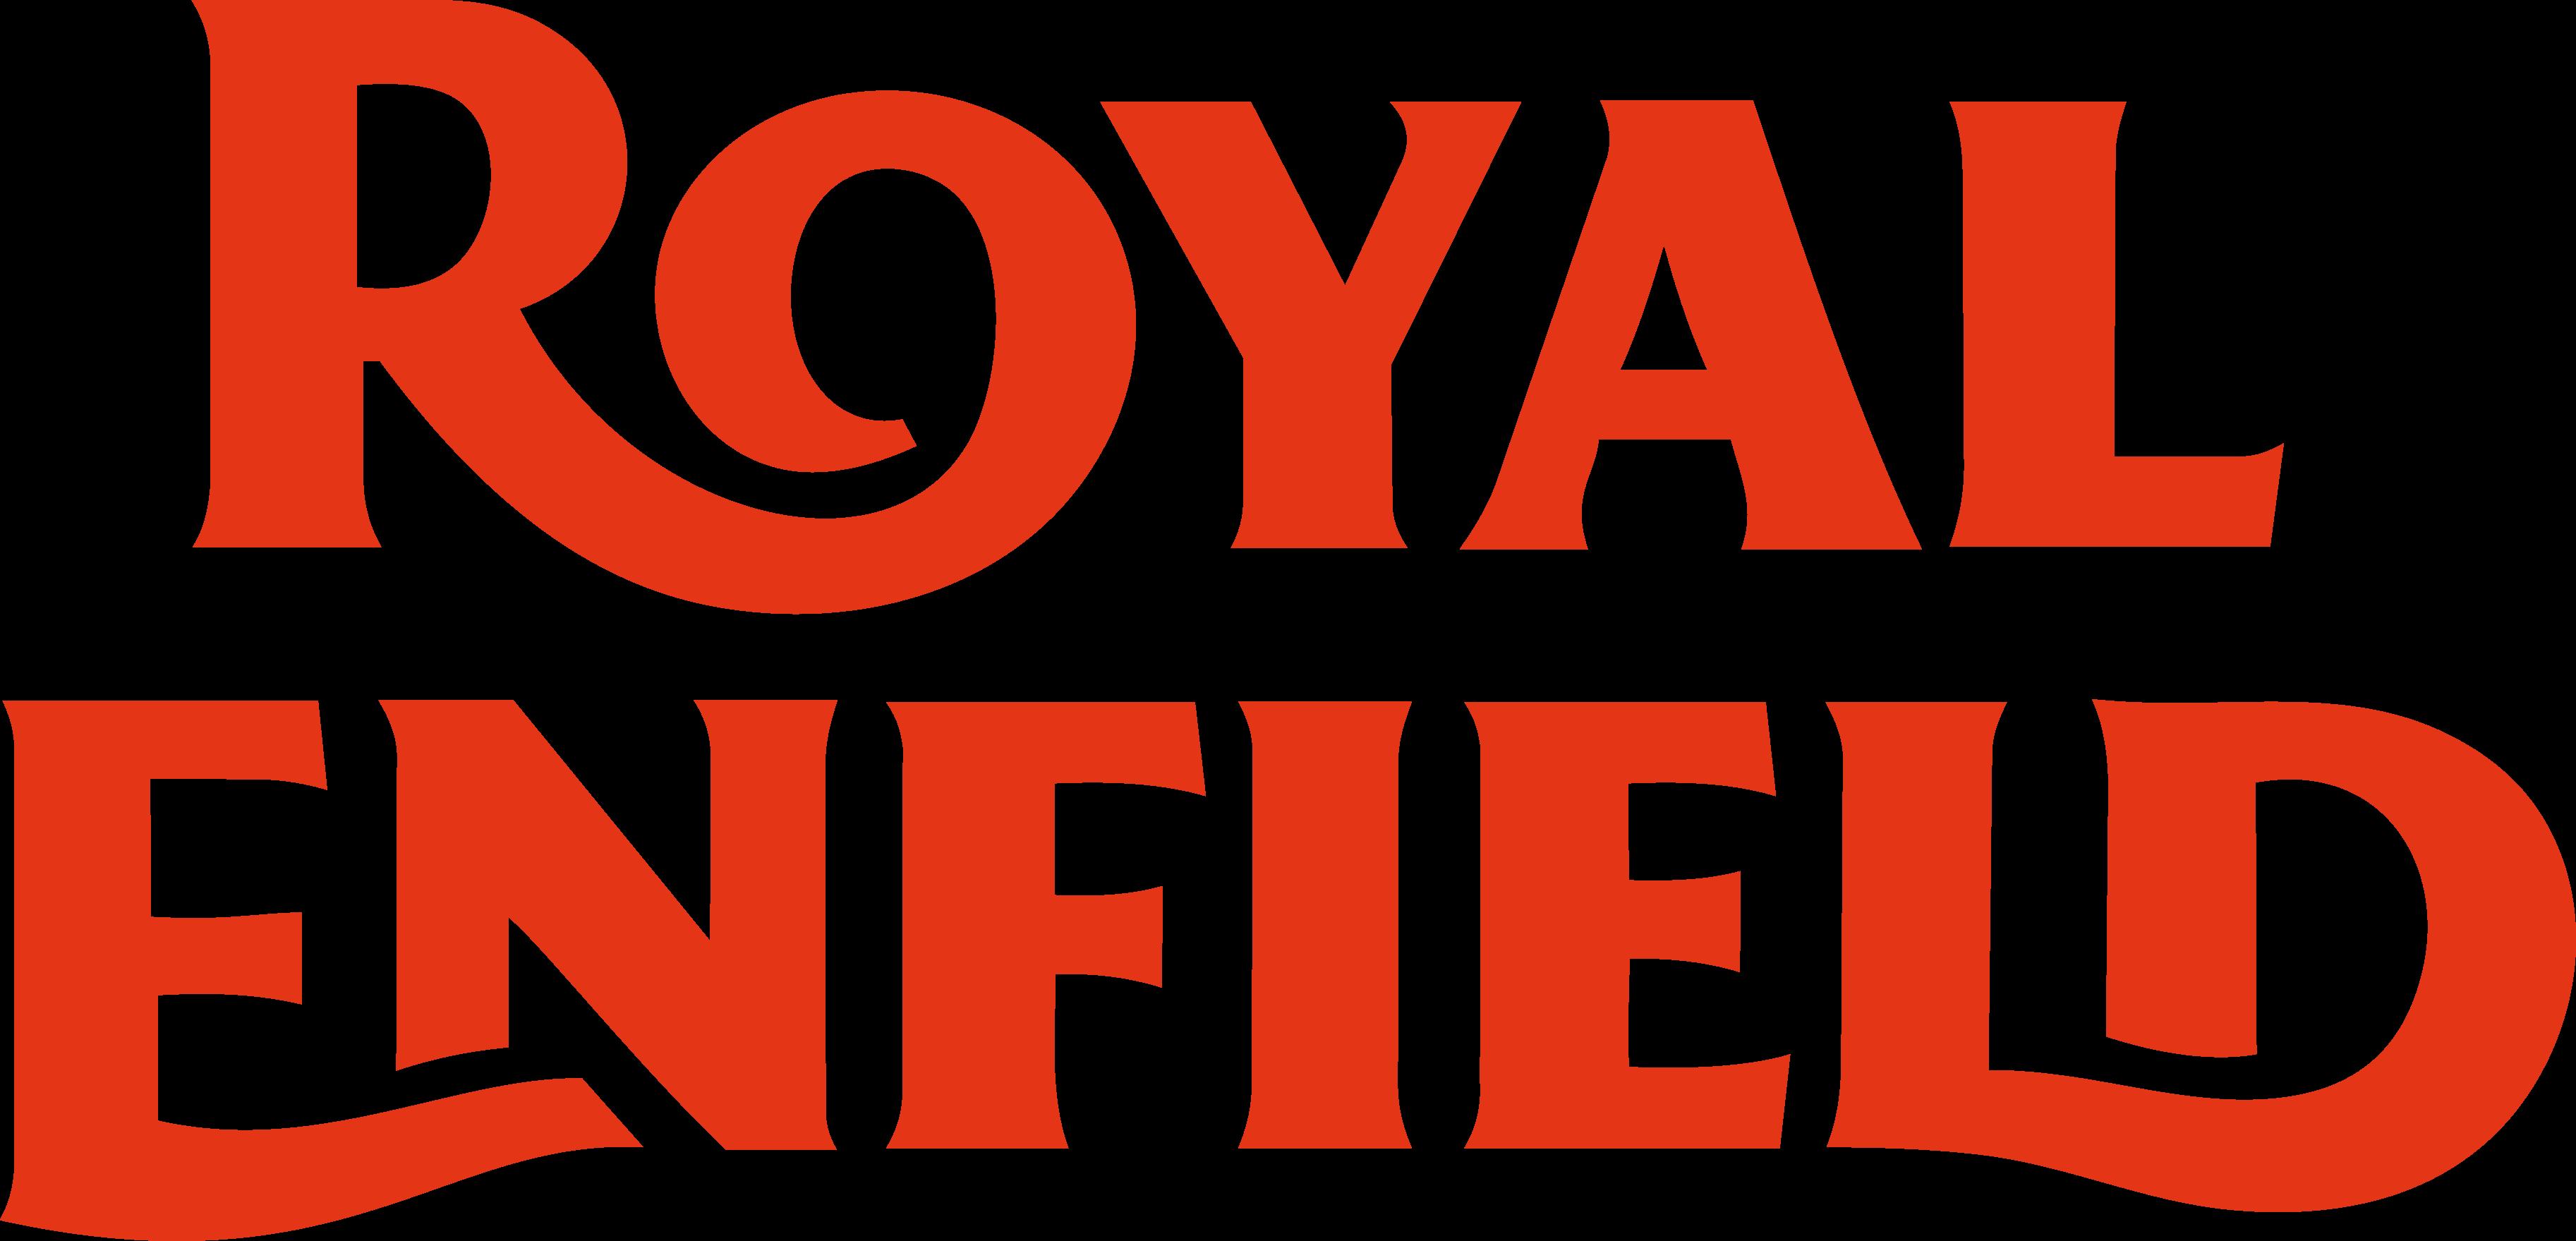 RoyalEnfield